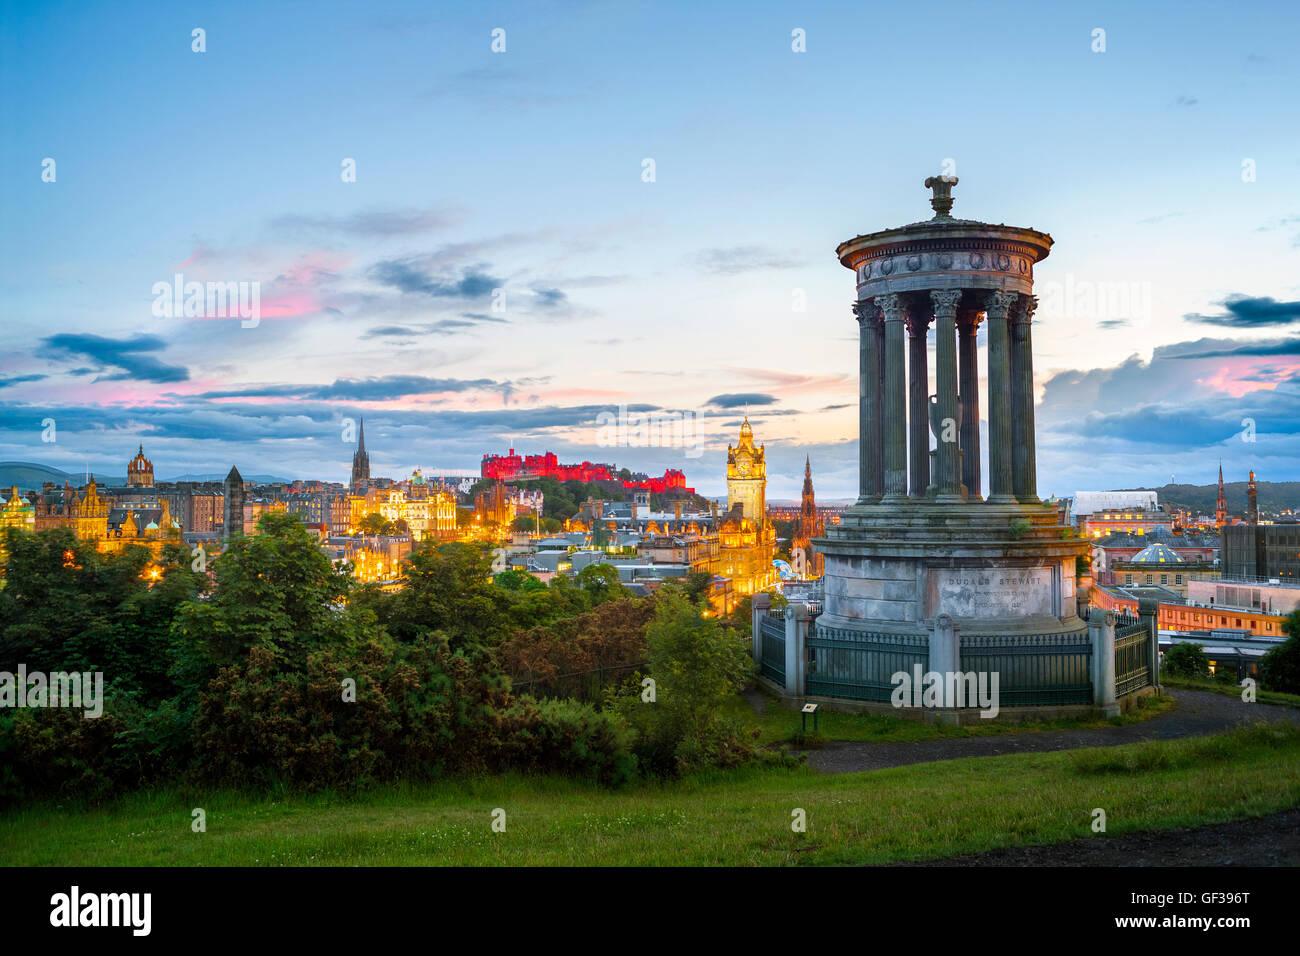 Horizonte de Edimburgo desde Cantón Hill, con el castillo de Edimburgo y el casco antiguo de la ciudad al atardecer en verano. Foto de stock